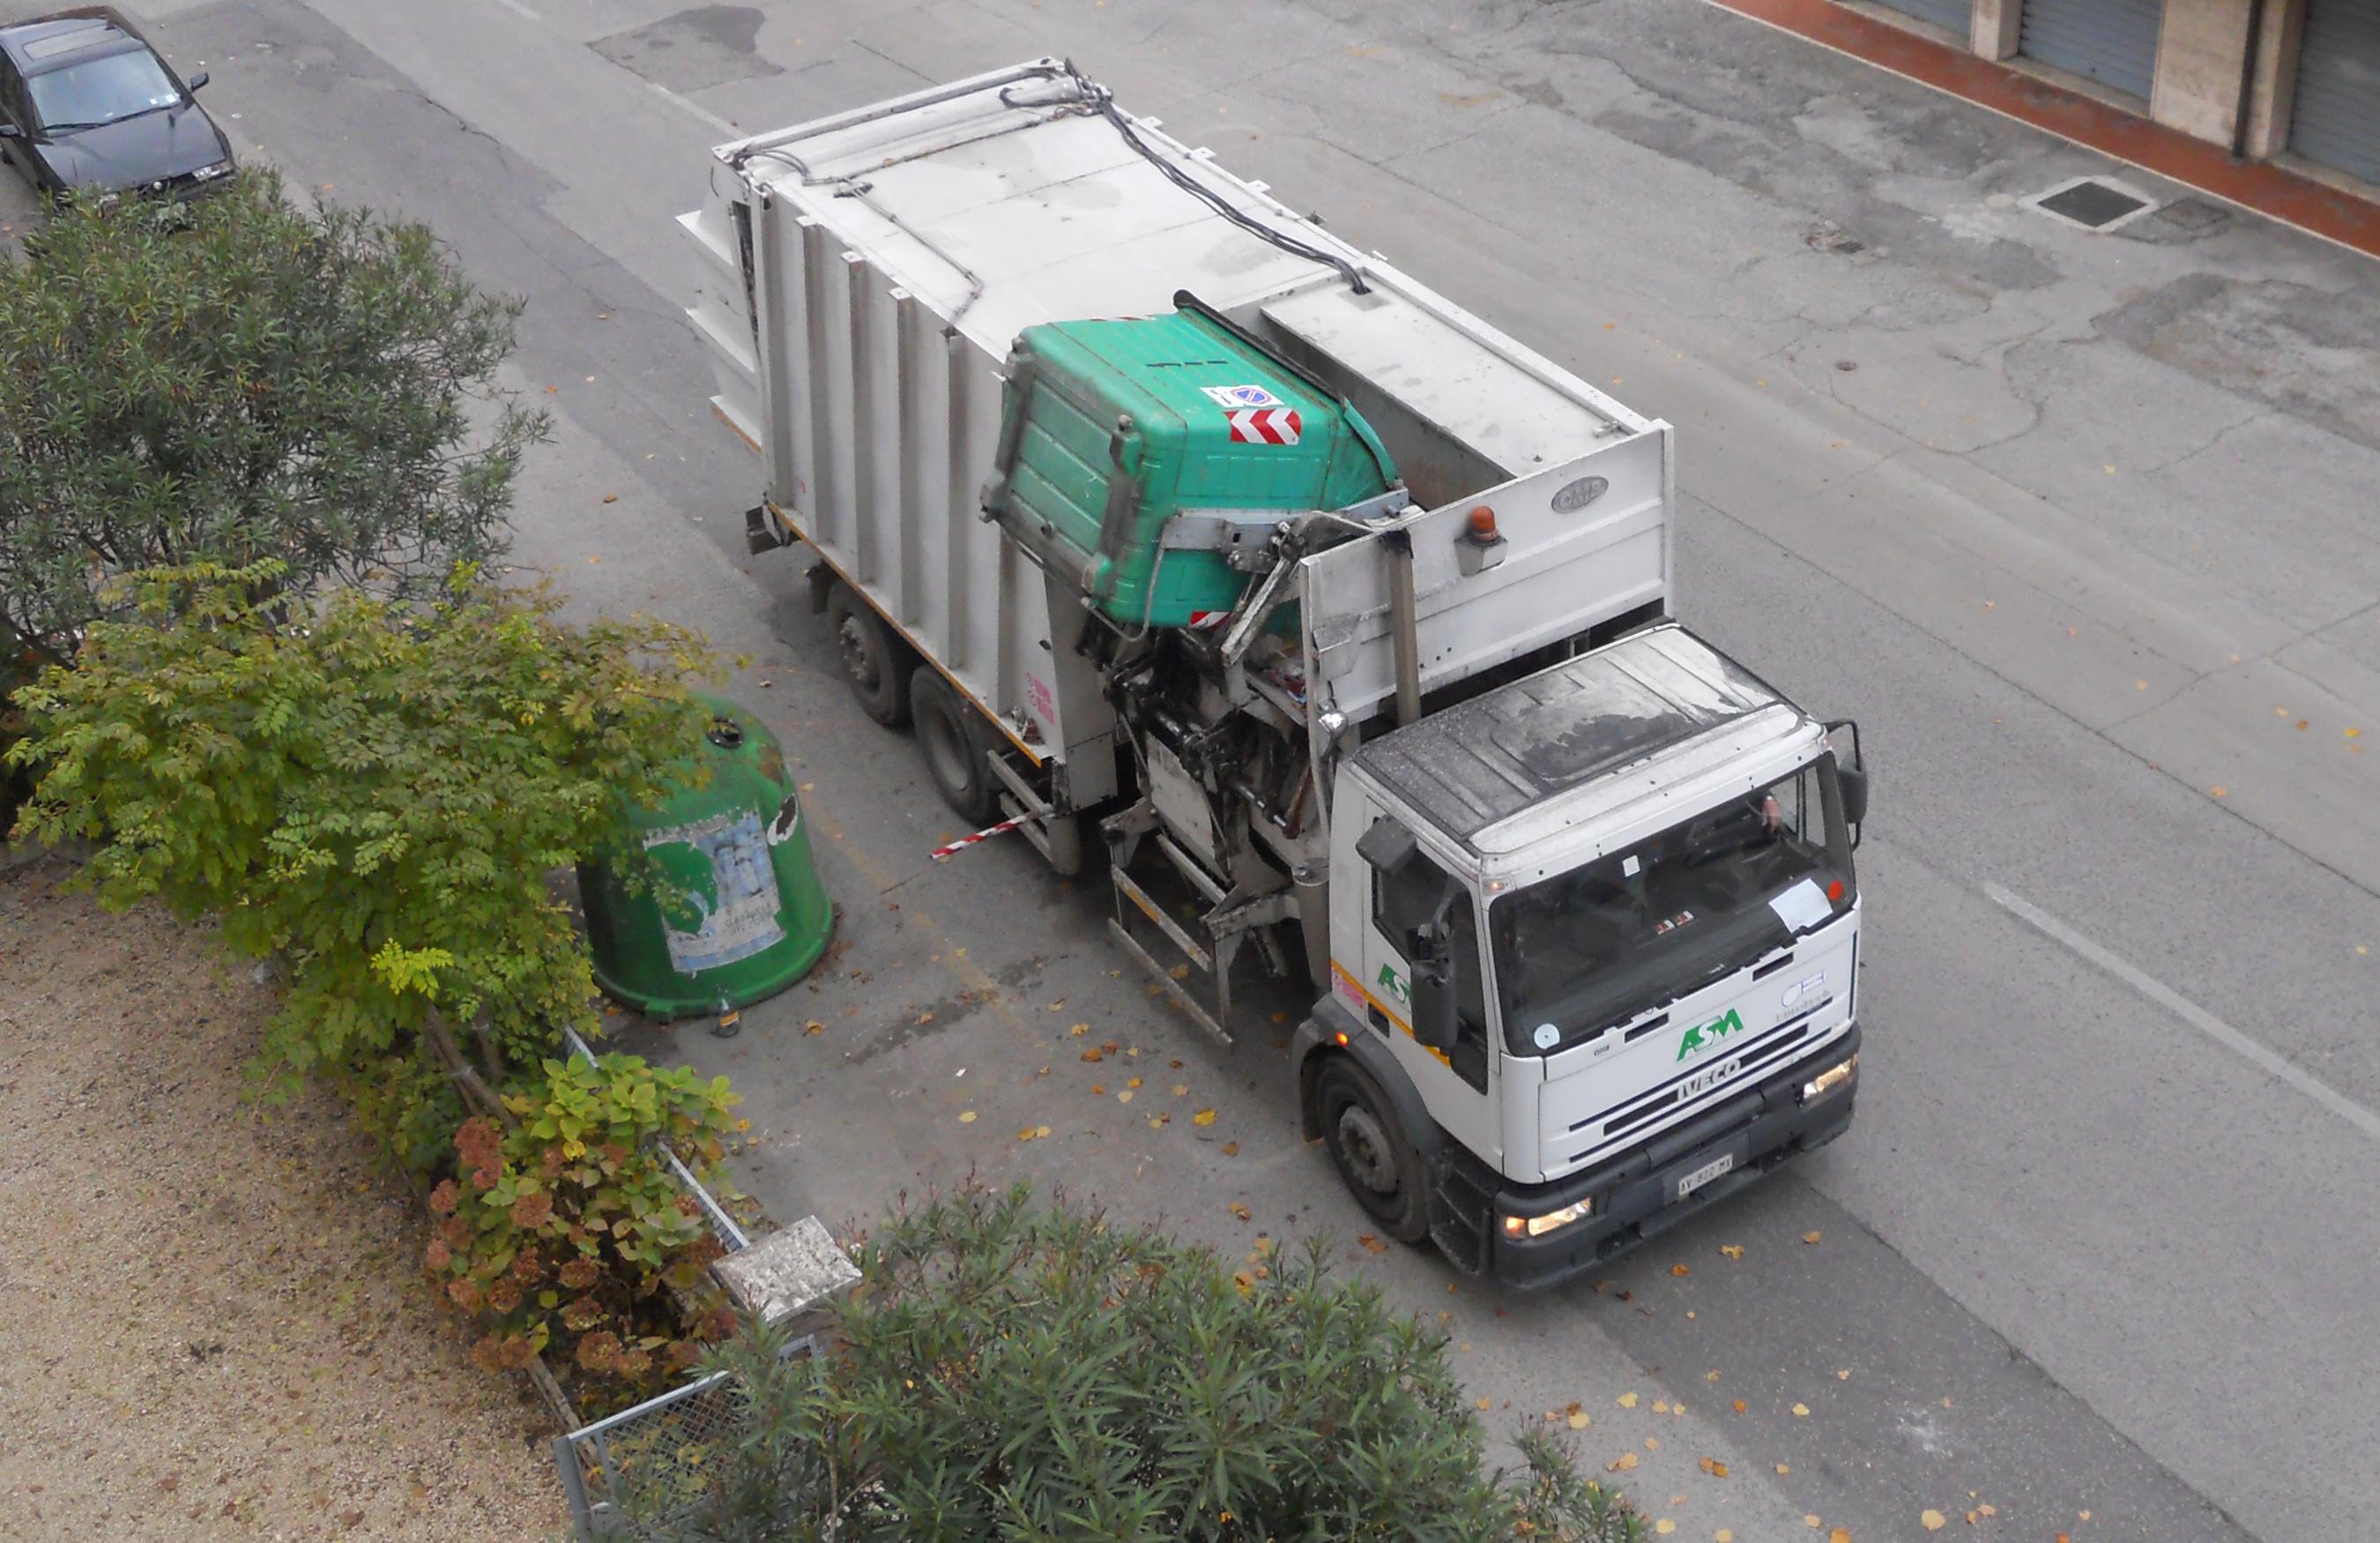 Un camion per la raccolta dei rifiuti solidi urbani